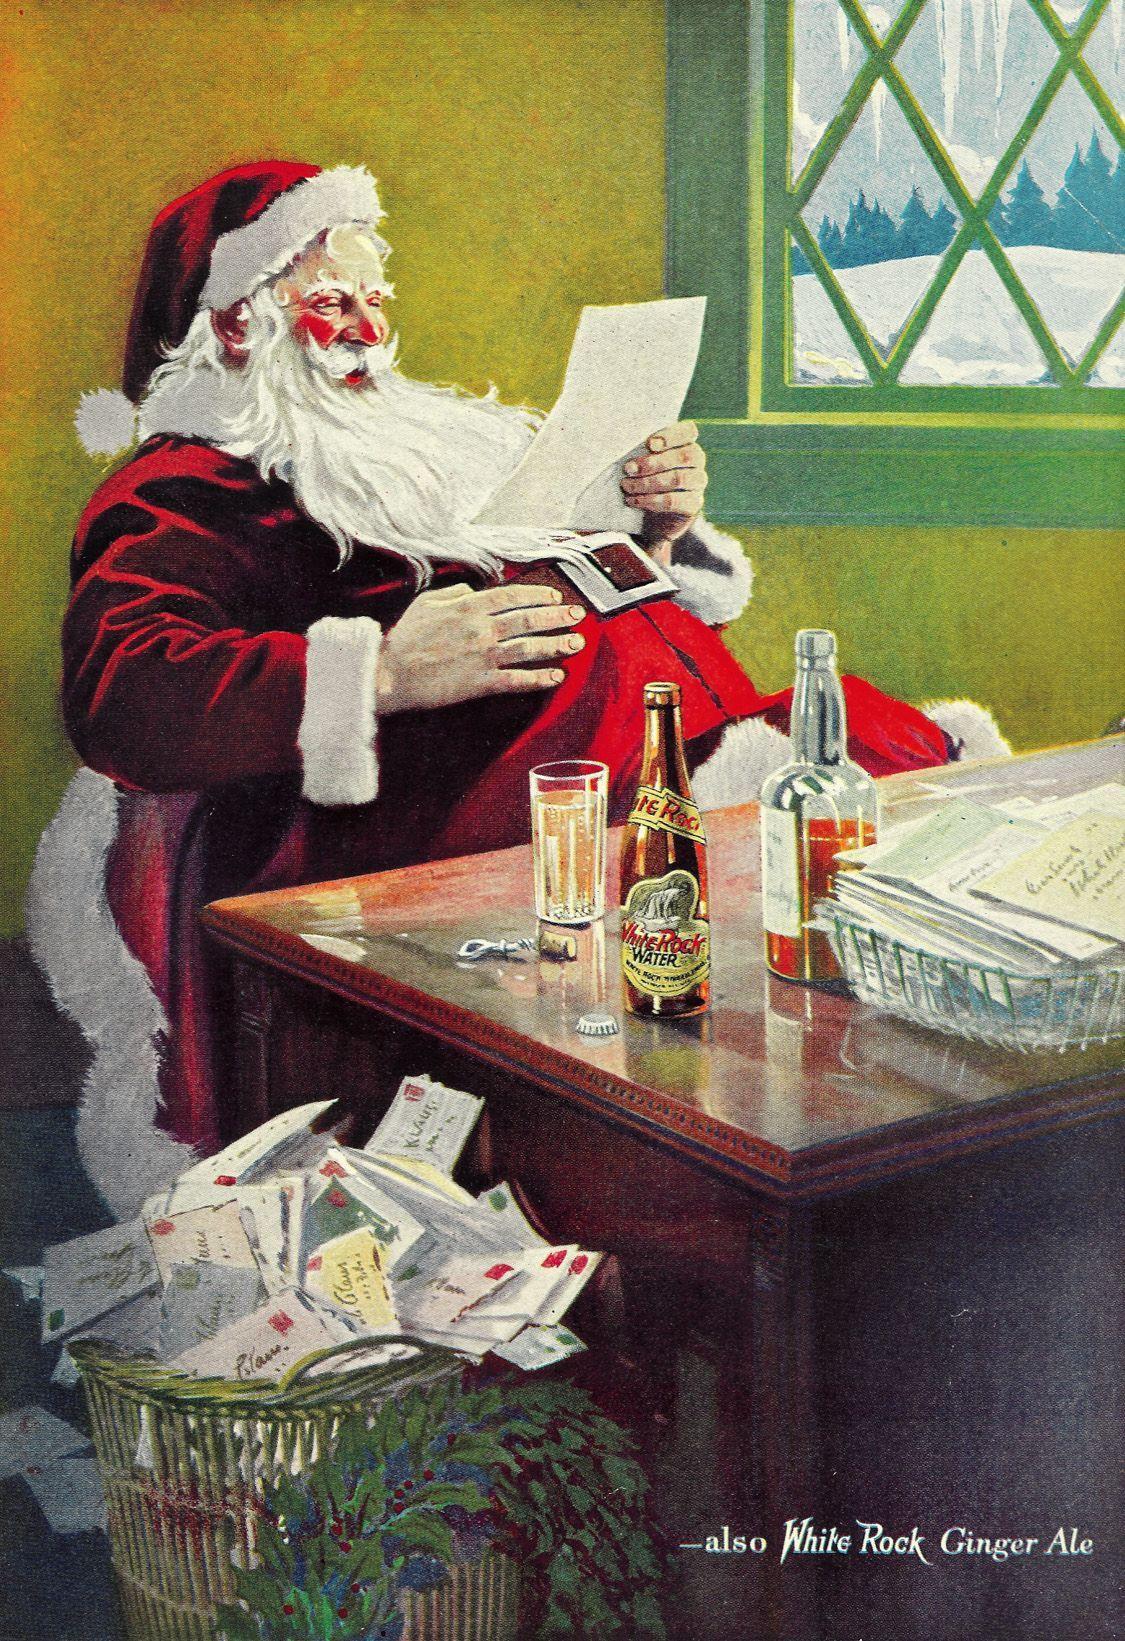 Weihnachtsmann: Wirklich Eine Erfindung Von Coca Cola? - Der in Ursprüngliche Farbe Gewand Weihnachtsmann